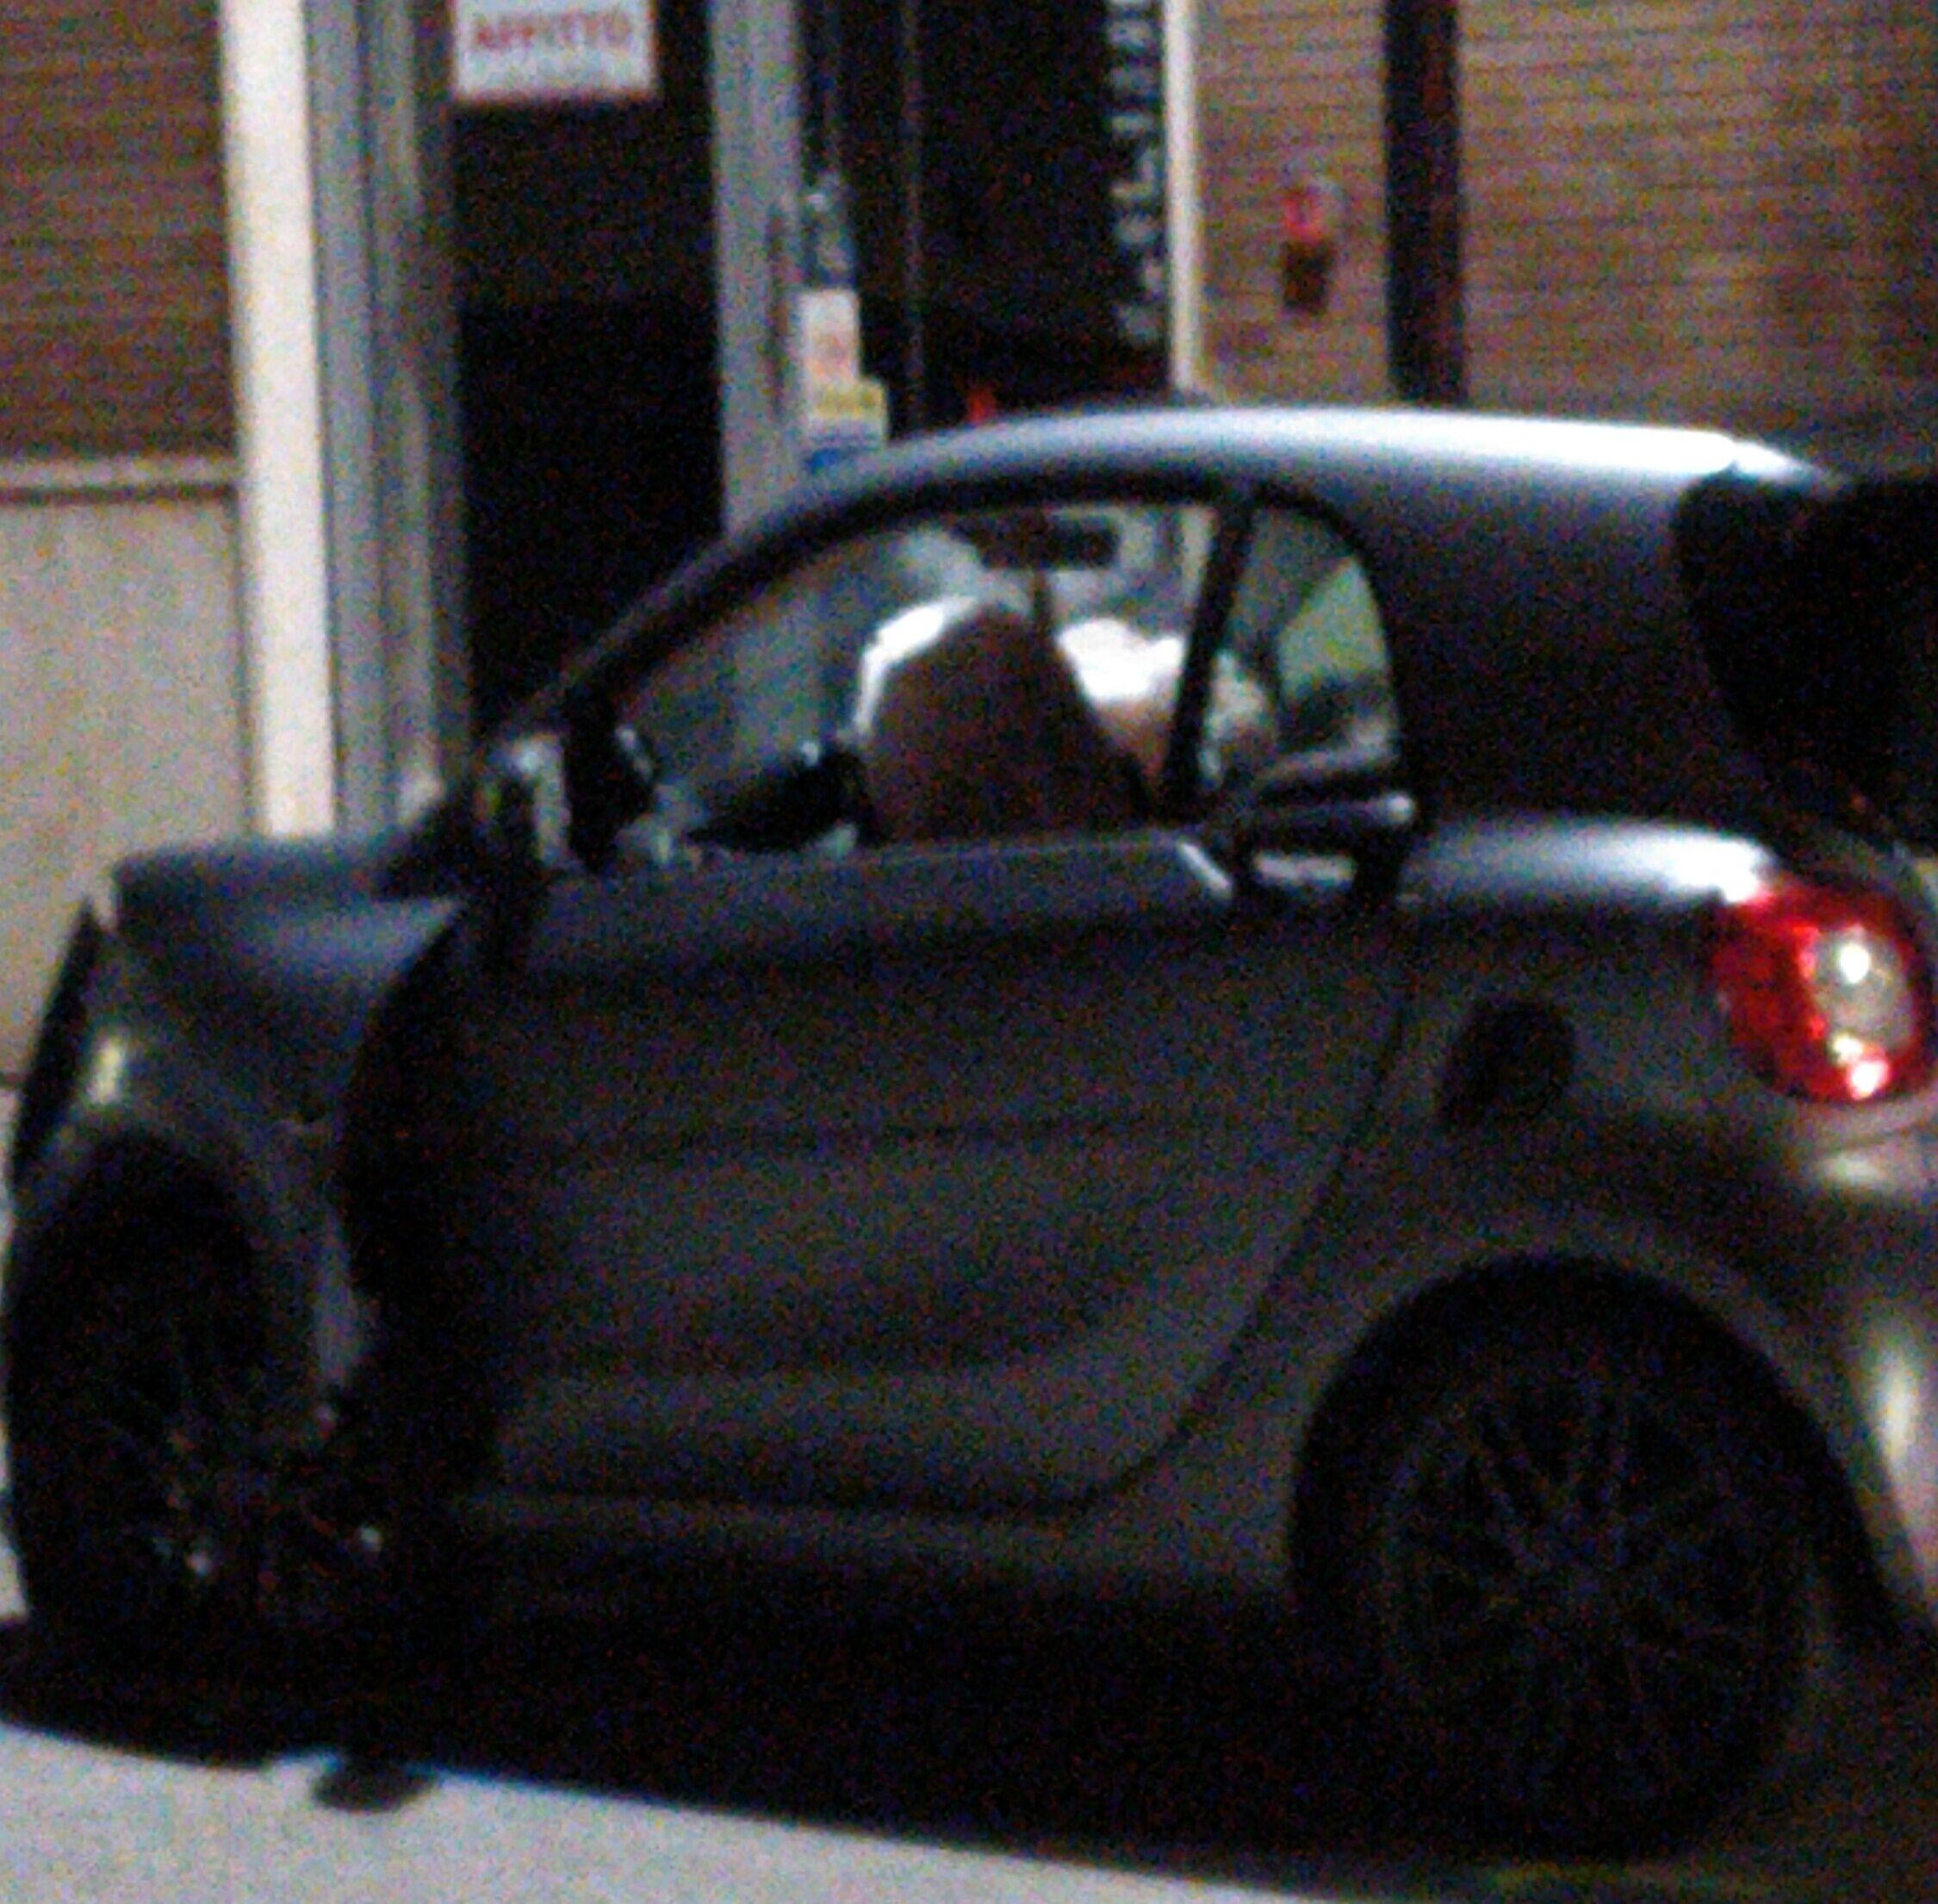 Violento incidente tra due autovetture in centro ad Avezzano